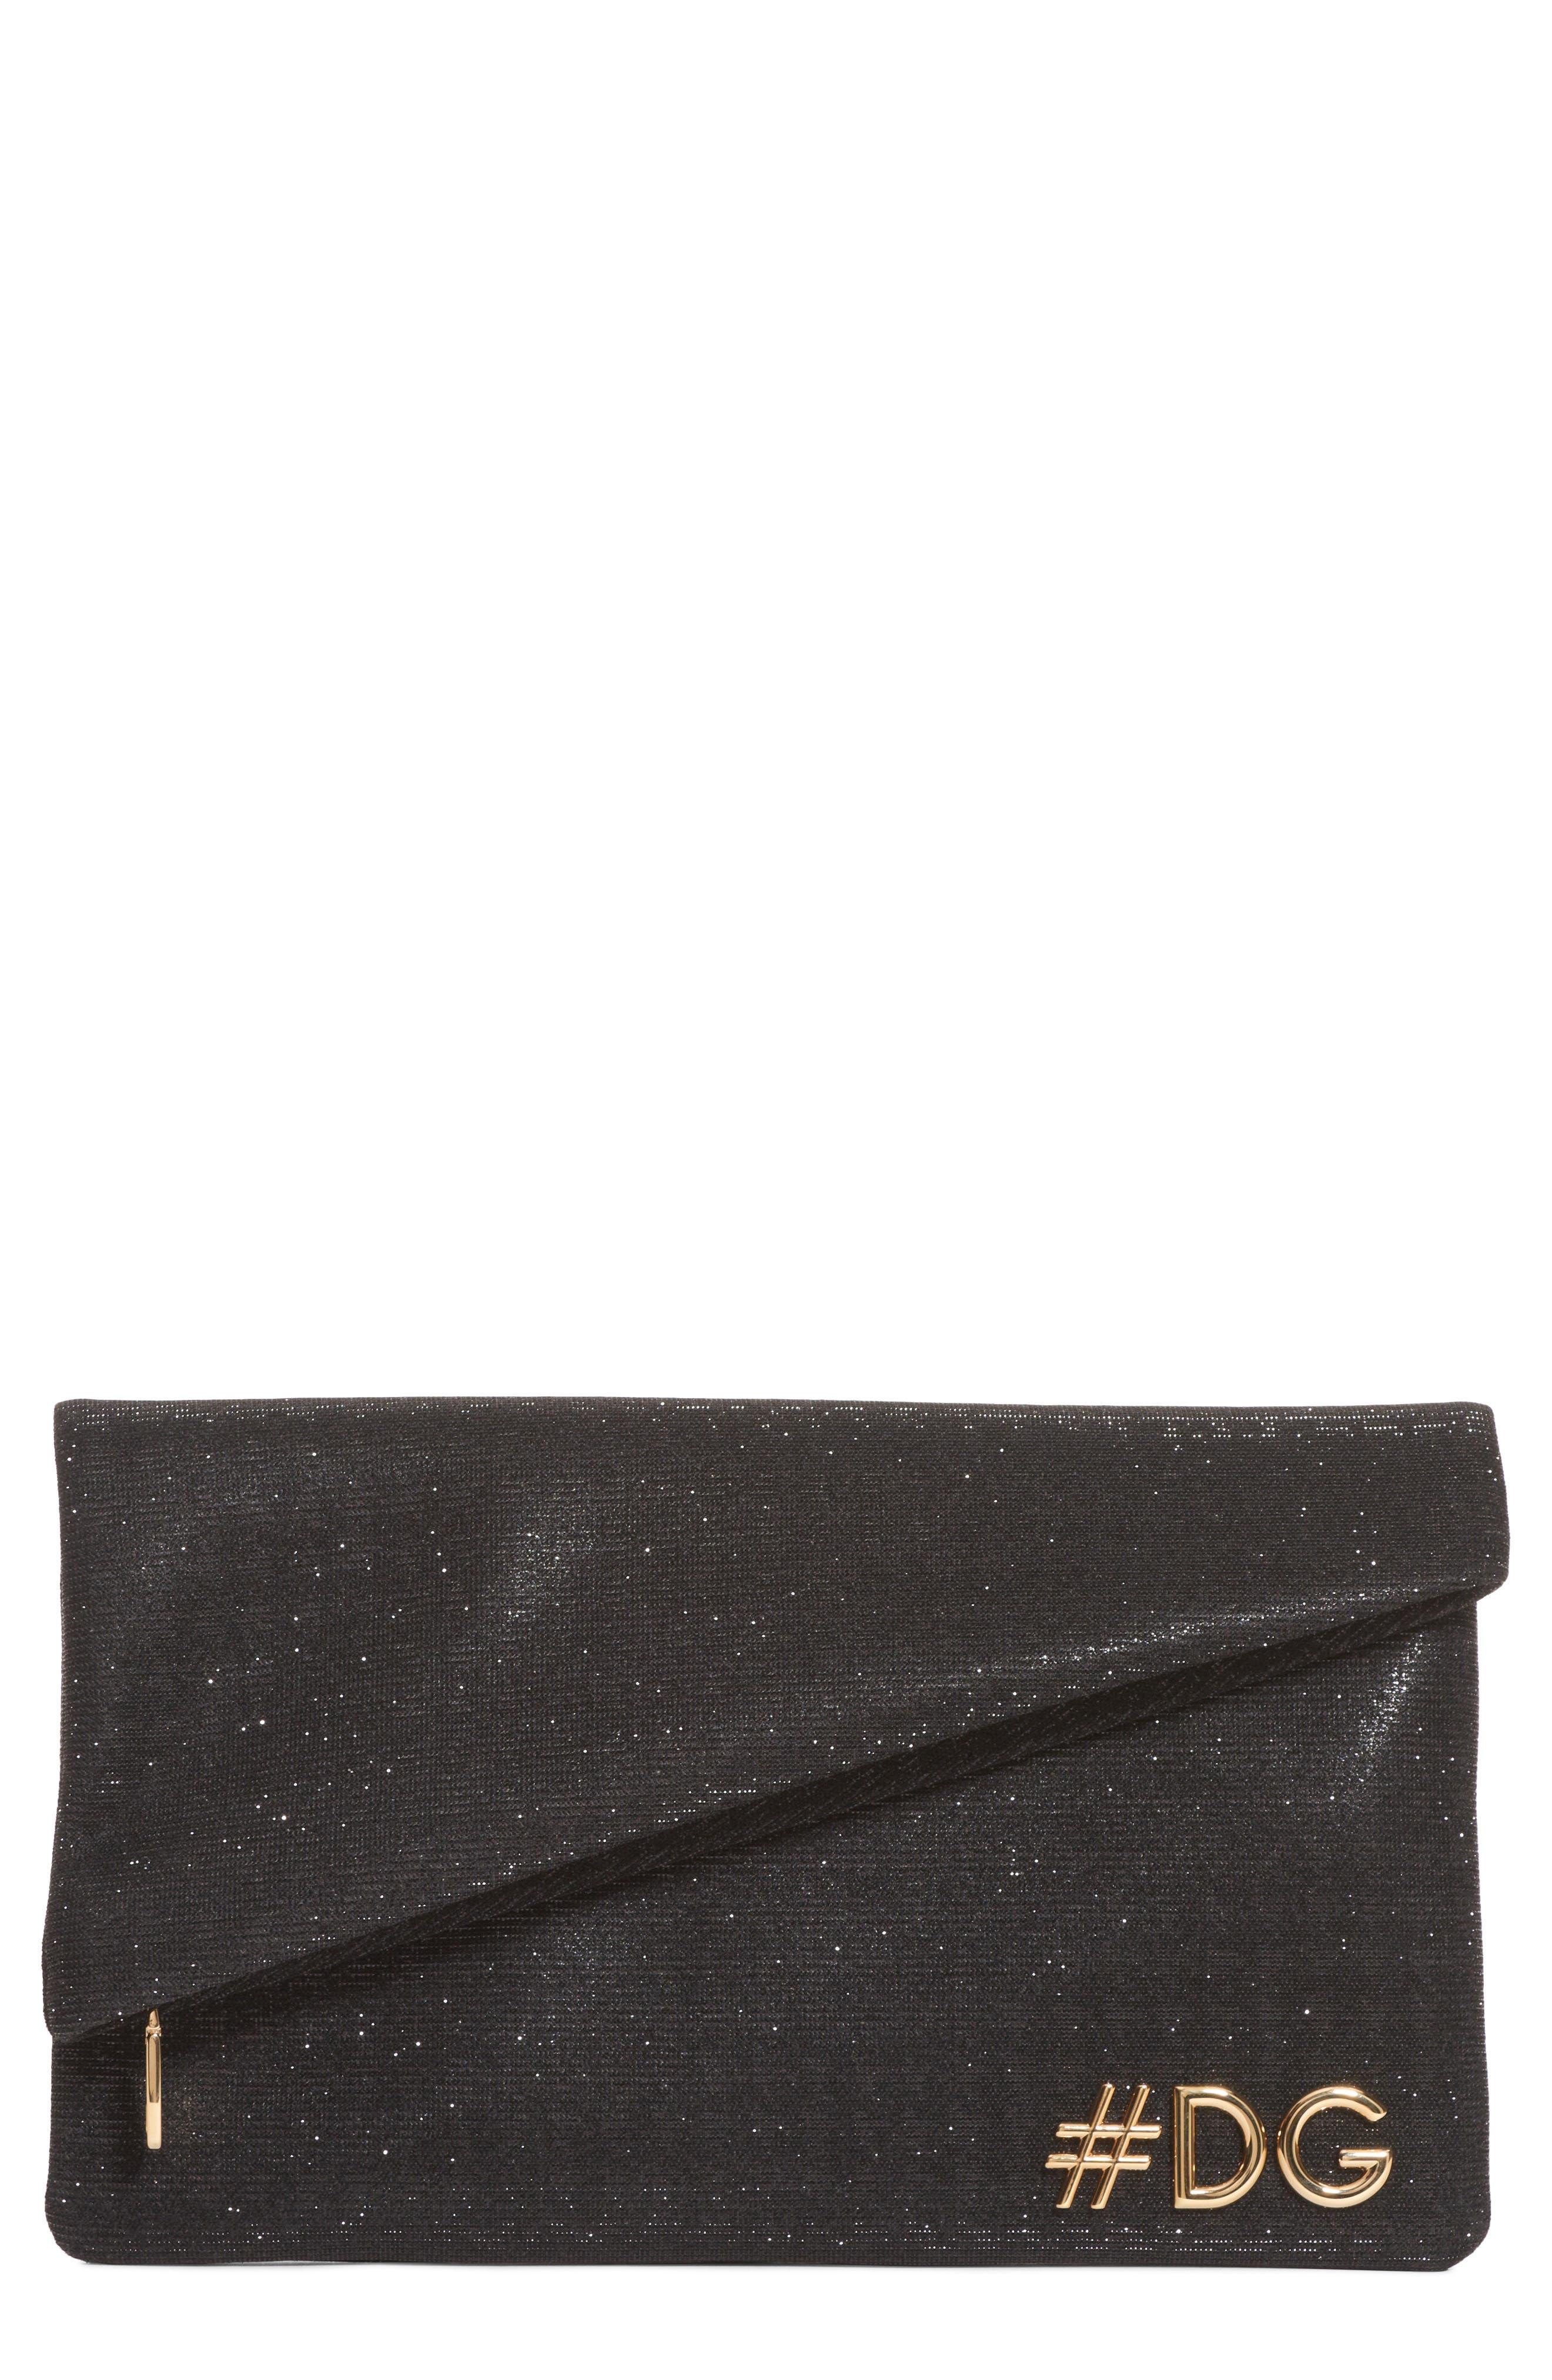 Dolce&Gabbana Hashtag Foldover Clutch